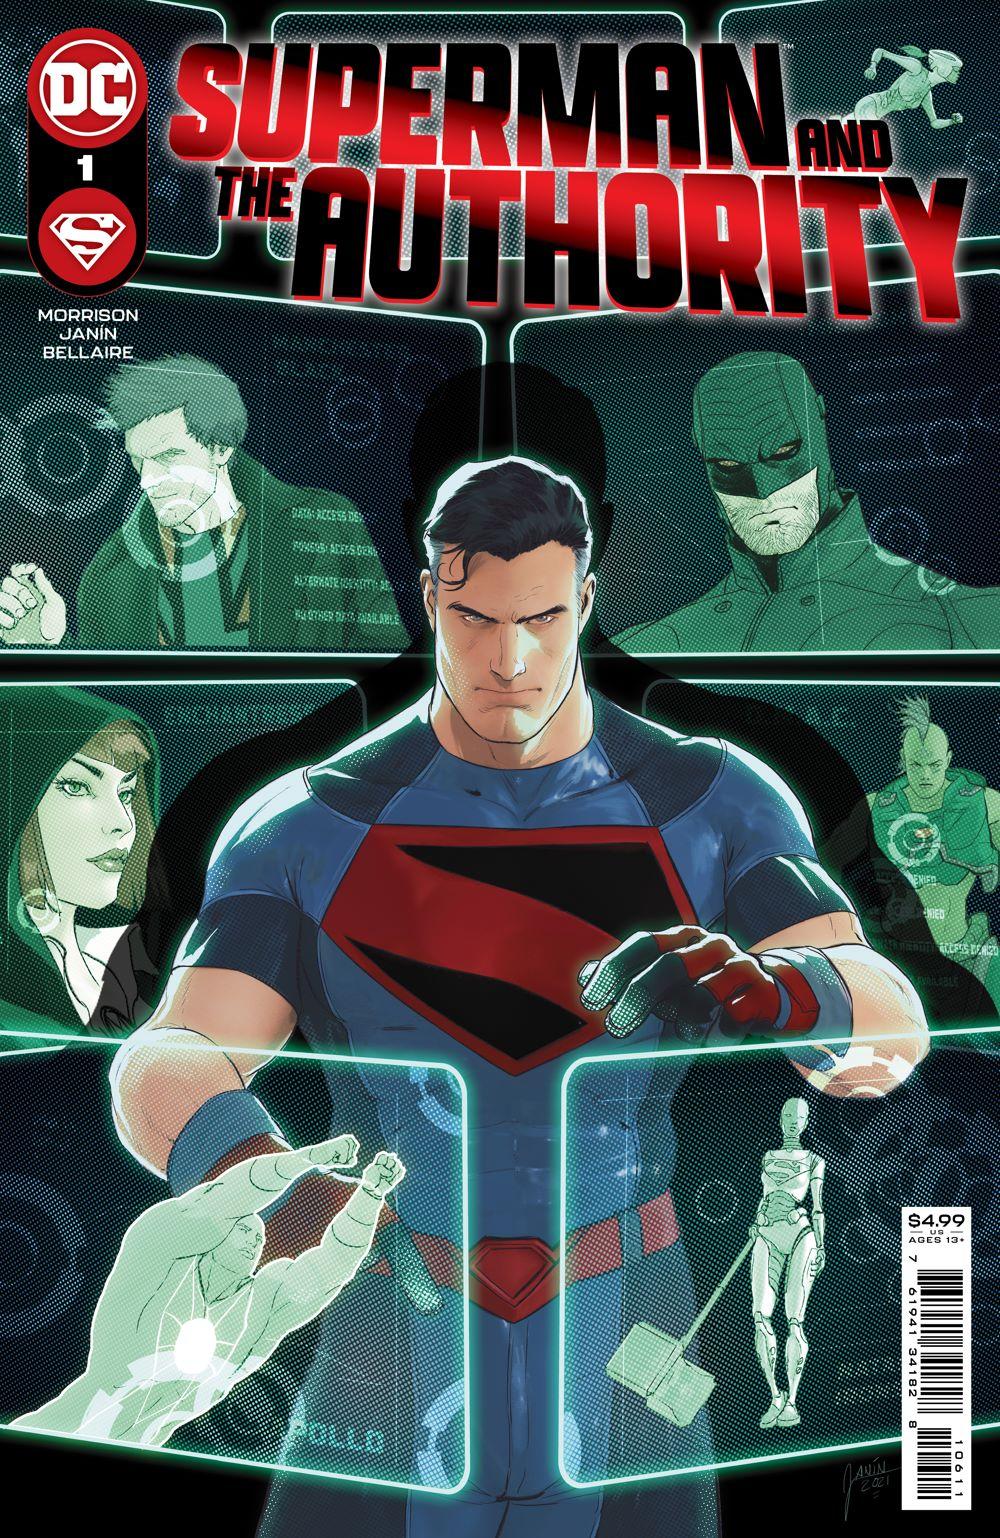 SMATA_Cv1 DC Comics July 2021 Solicitations